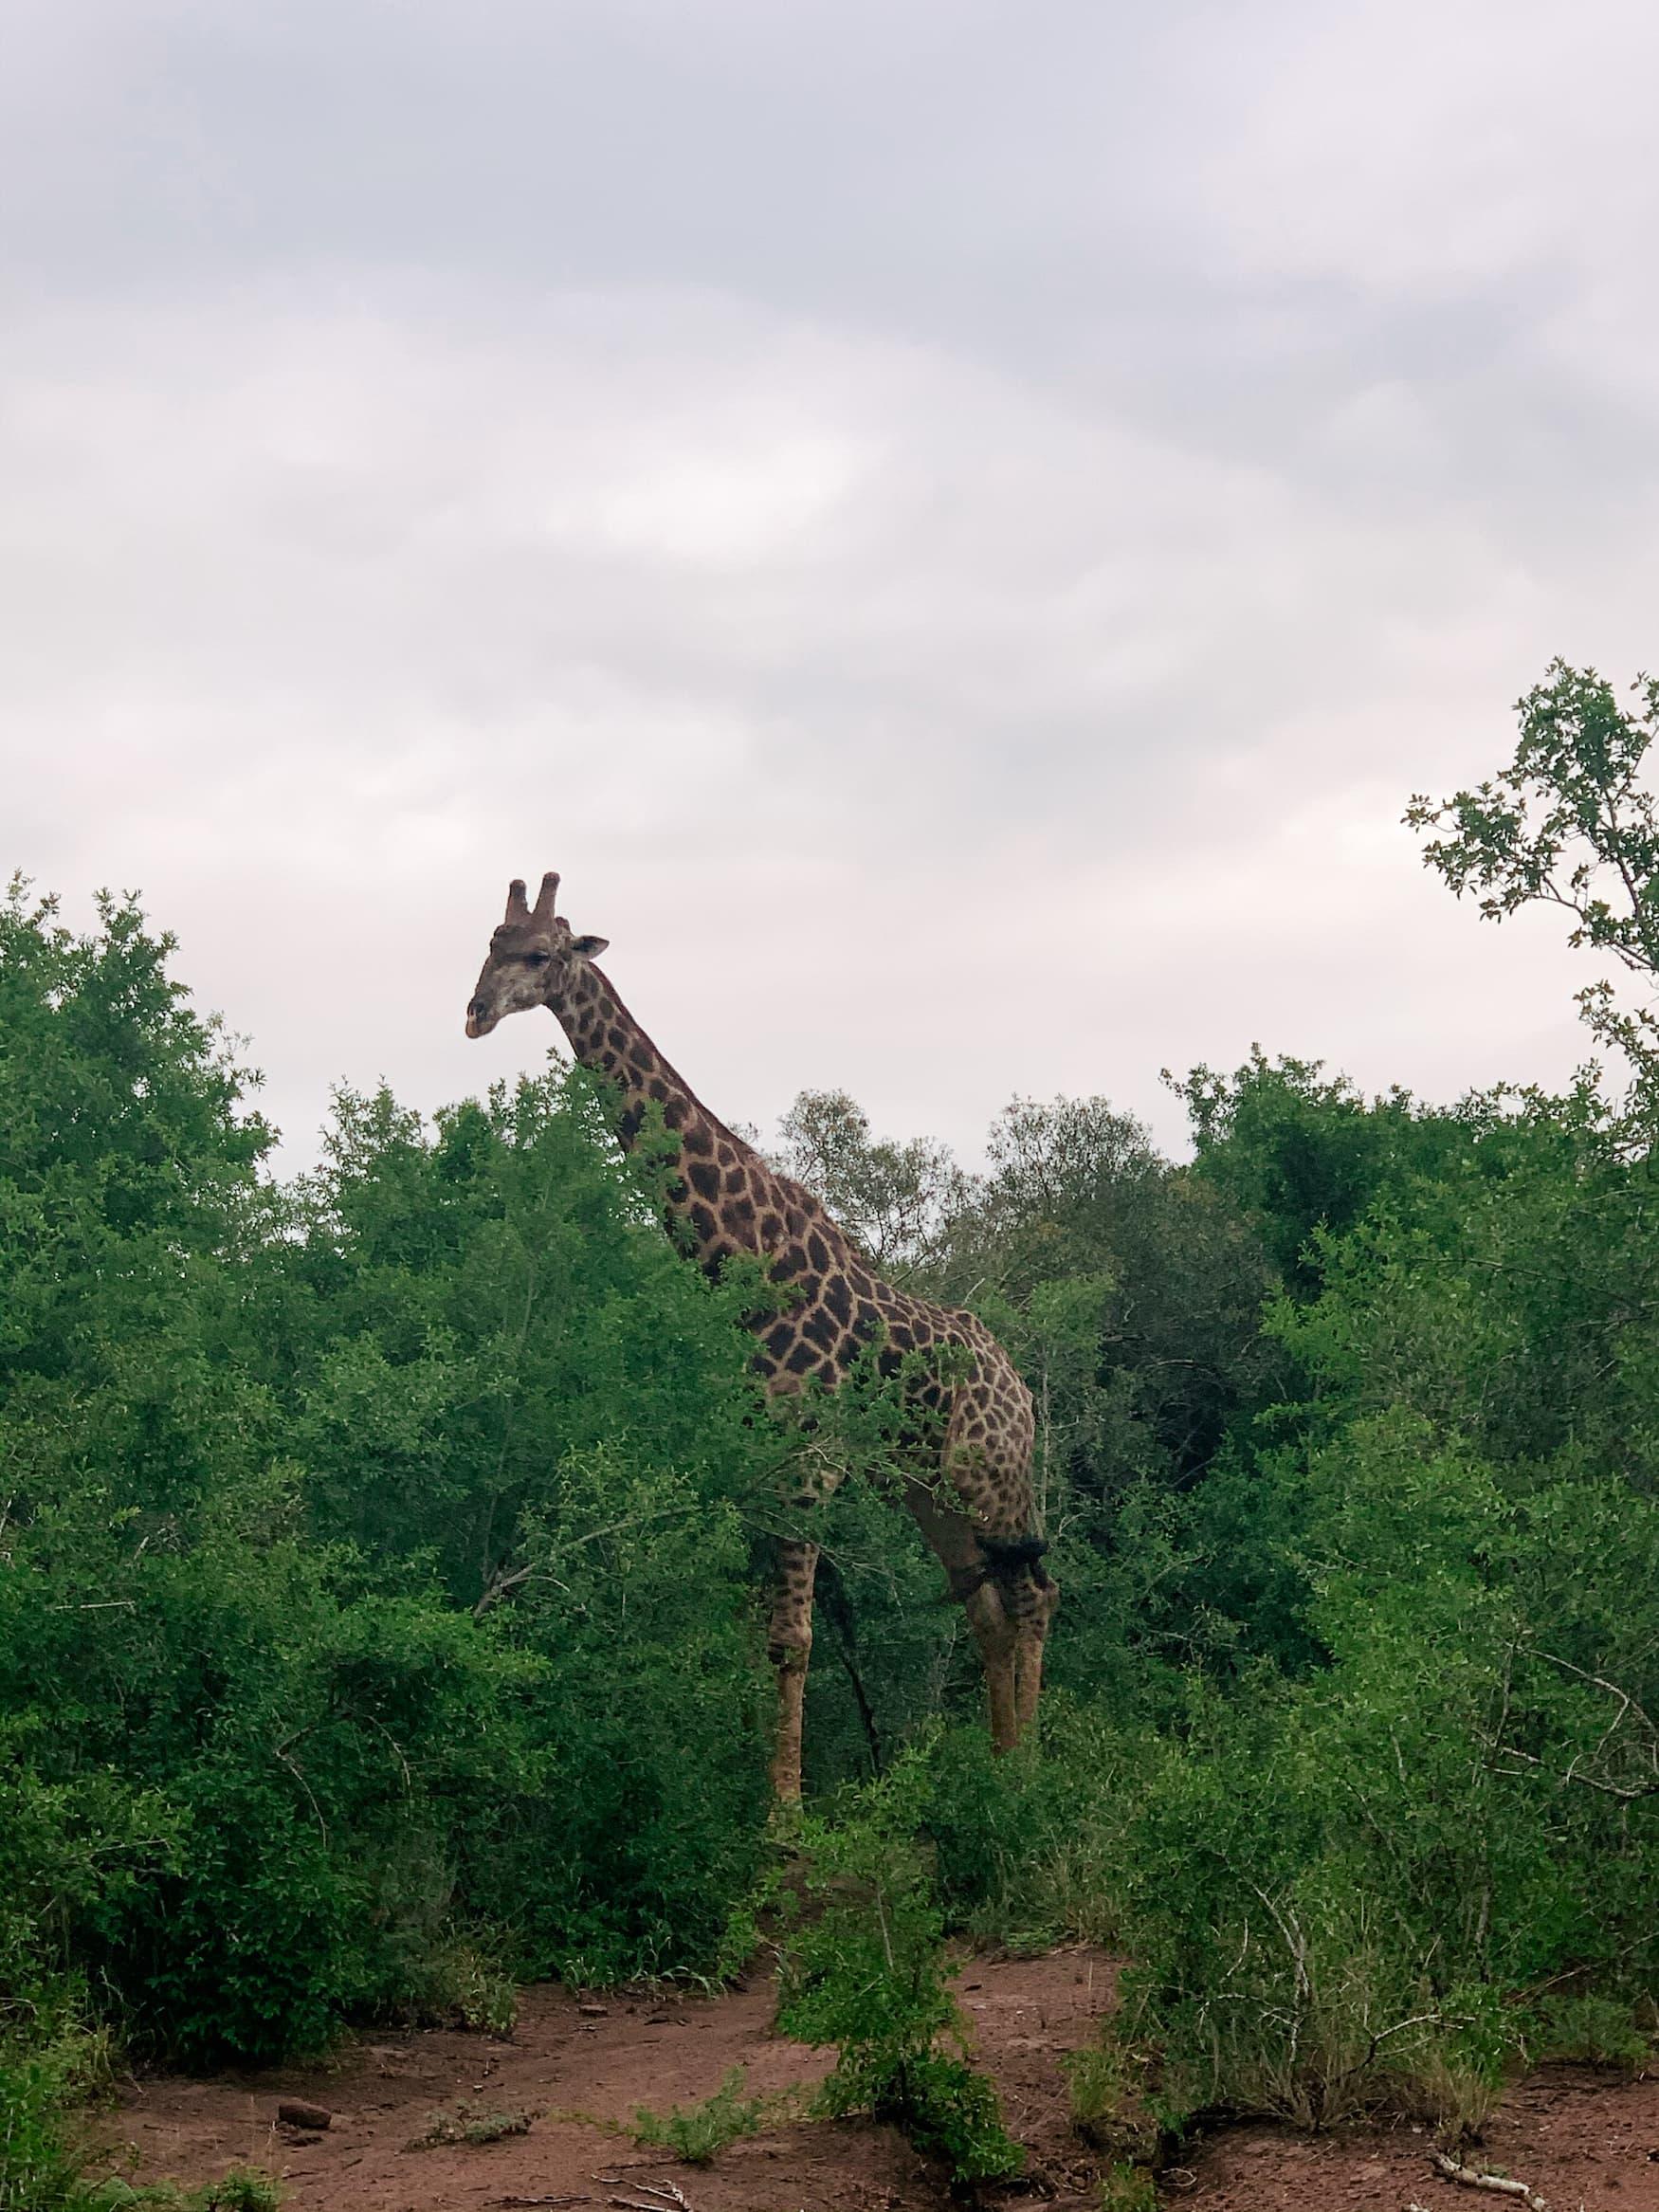 Giraffe steht zwischen Bäumen im Phinda Private Game Reserve in Südafrika